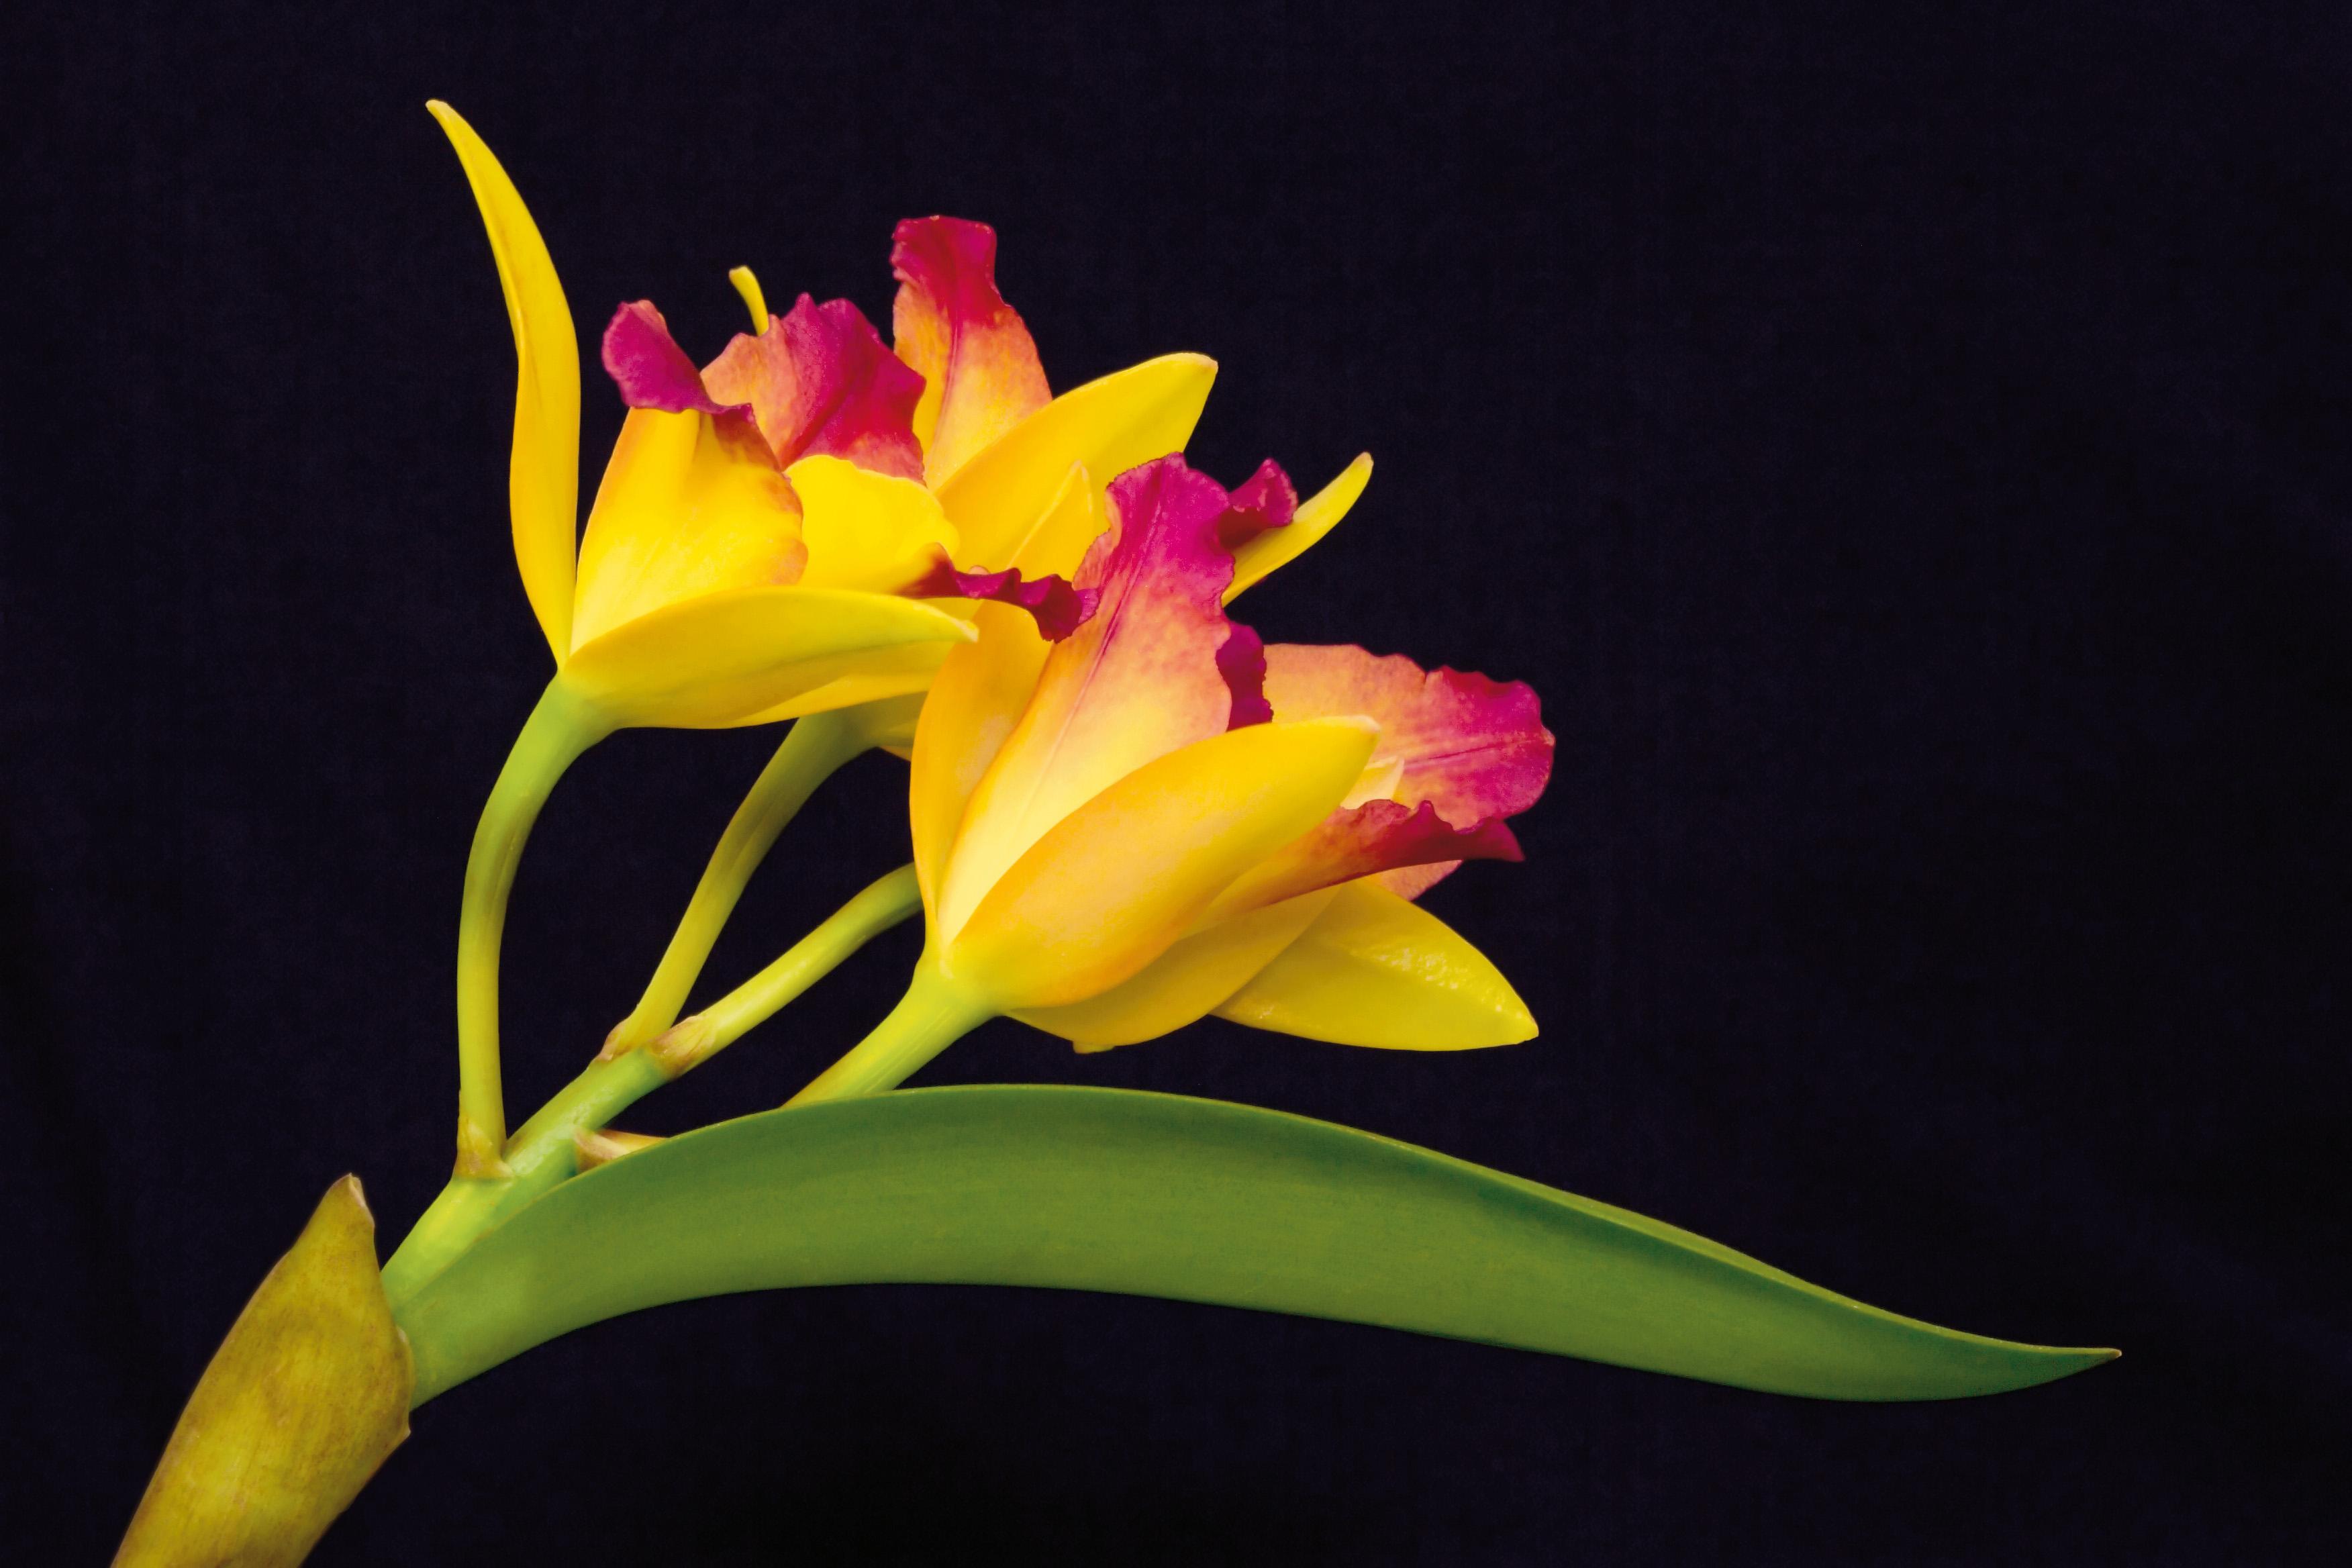 Cattleya jaune, orchidée vendue chez Truffaut, crédit photo Truffaut